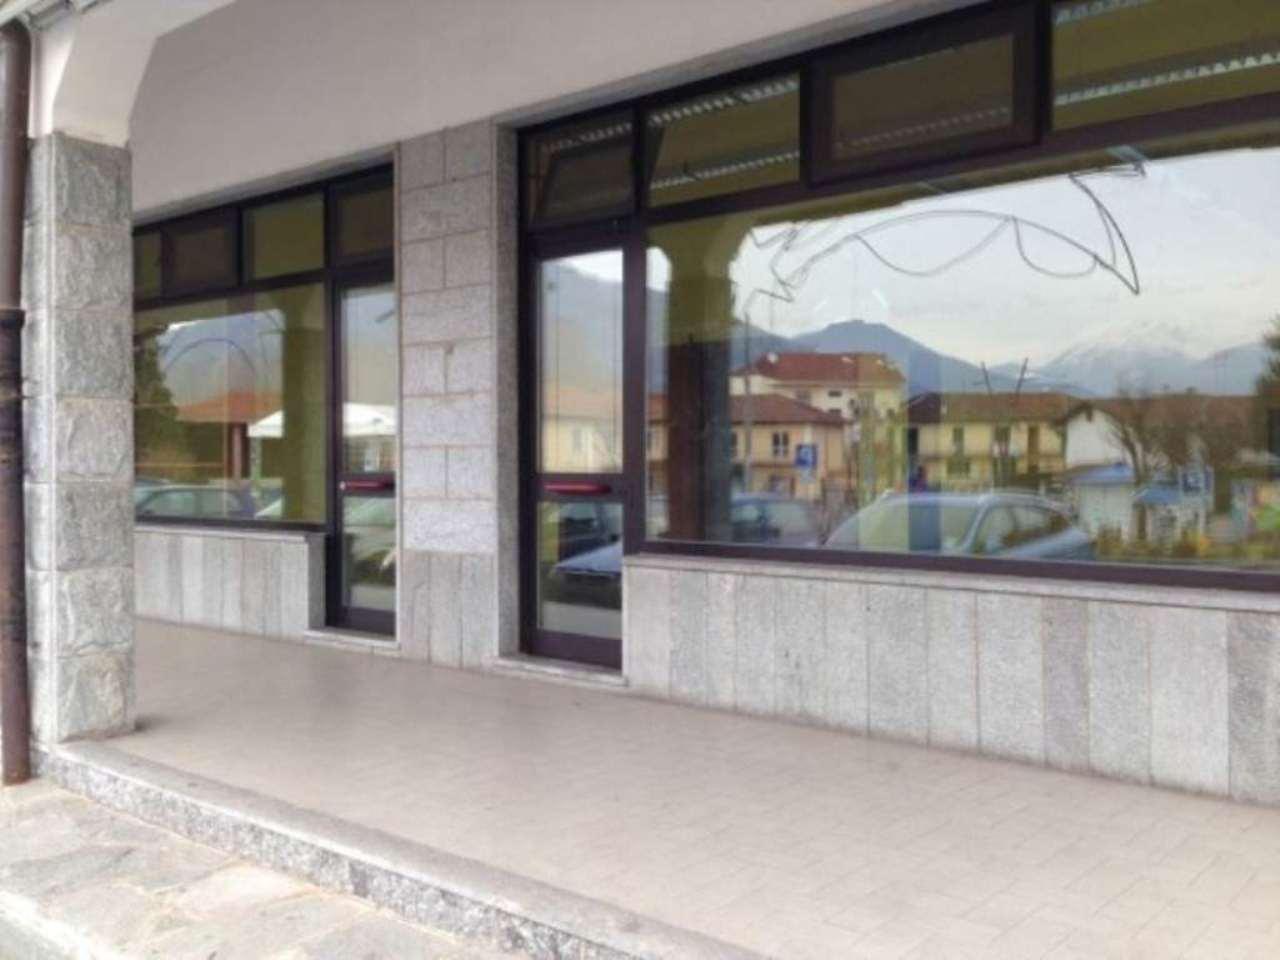 Negozio / Locale in affitto a Rosta, 1 locali, prezzo € 700 | Cambio Casa.it